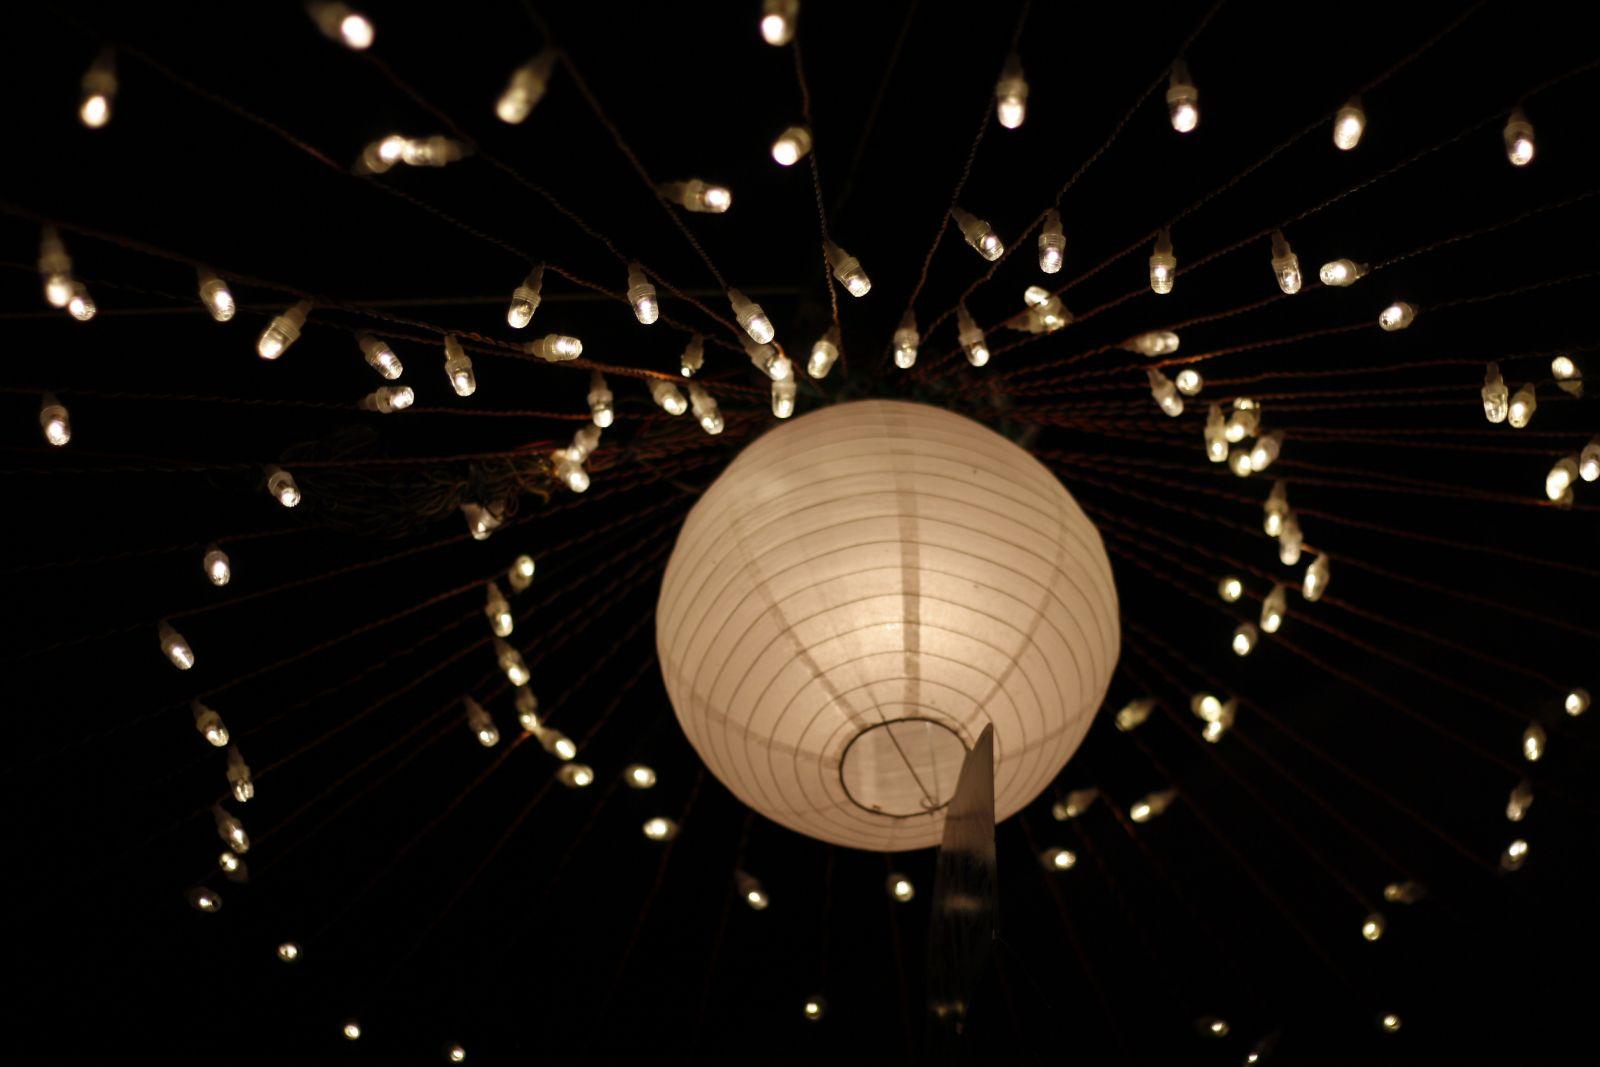 الإضاءة بالمصابيح الكروية